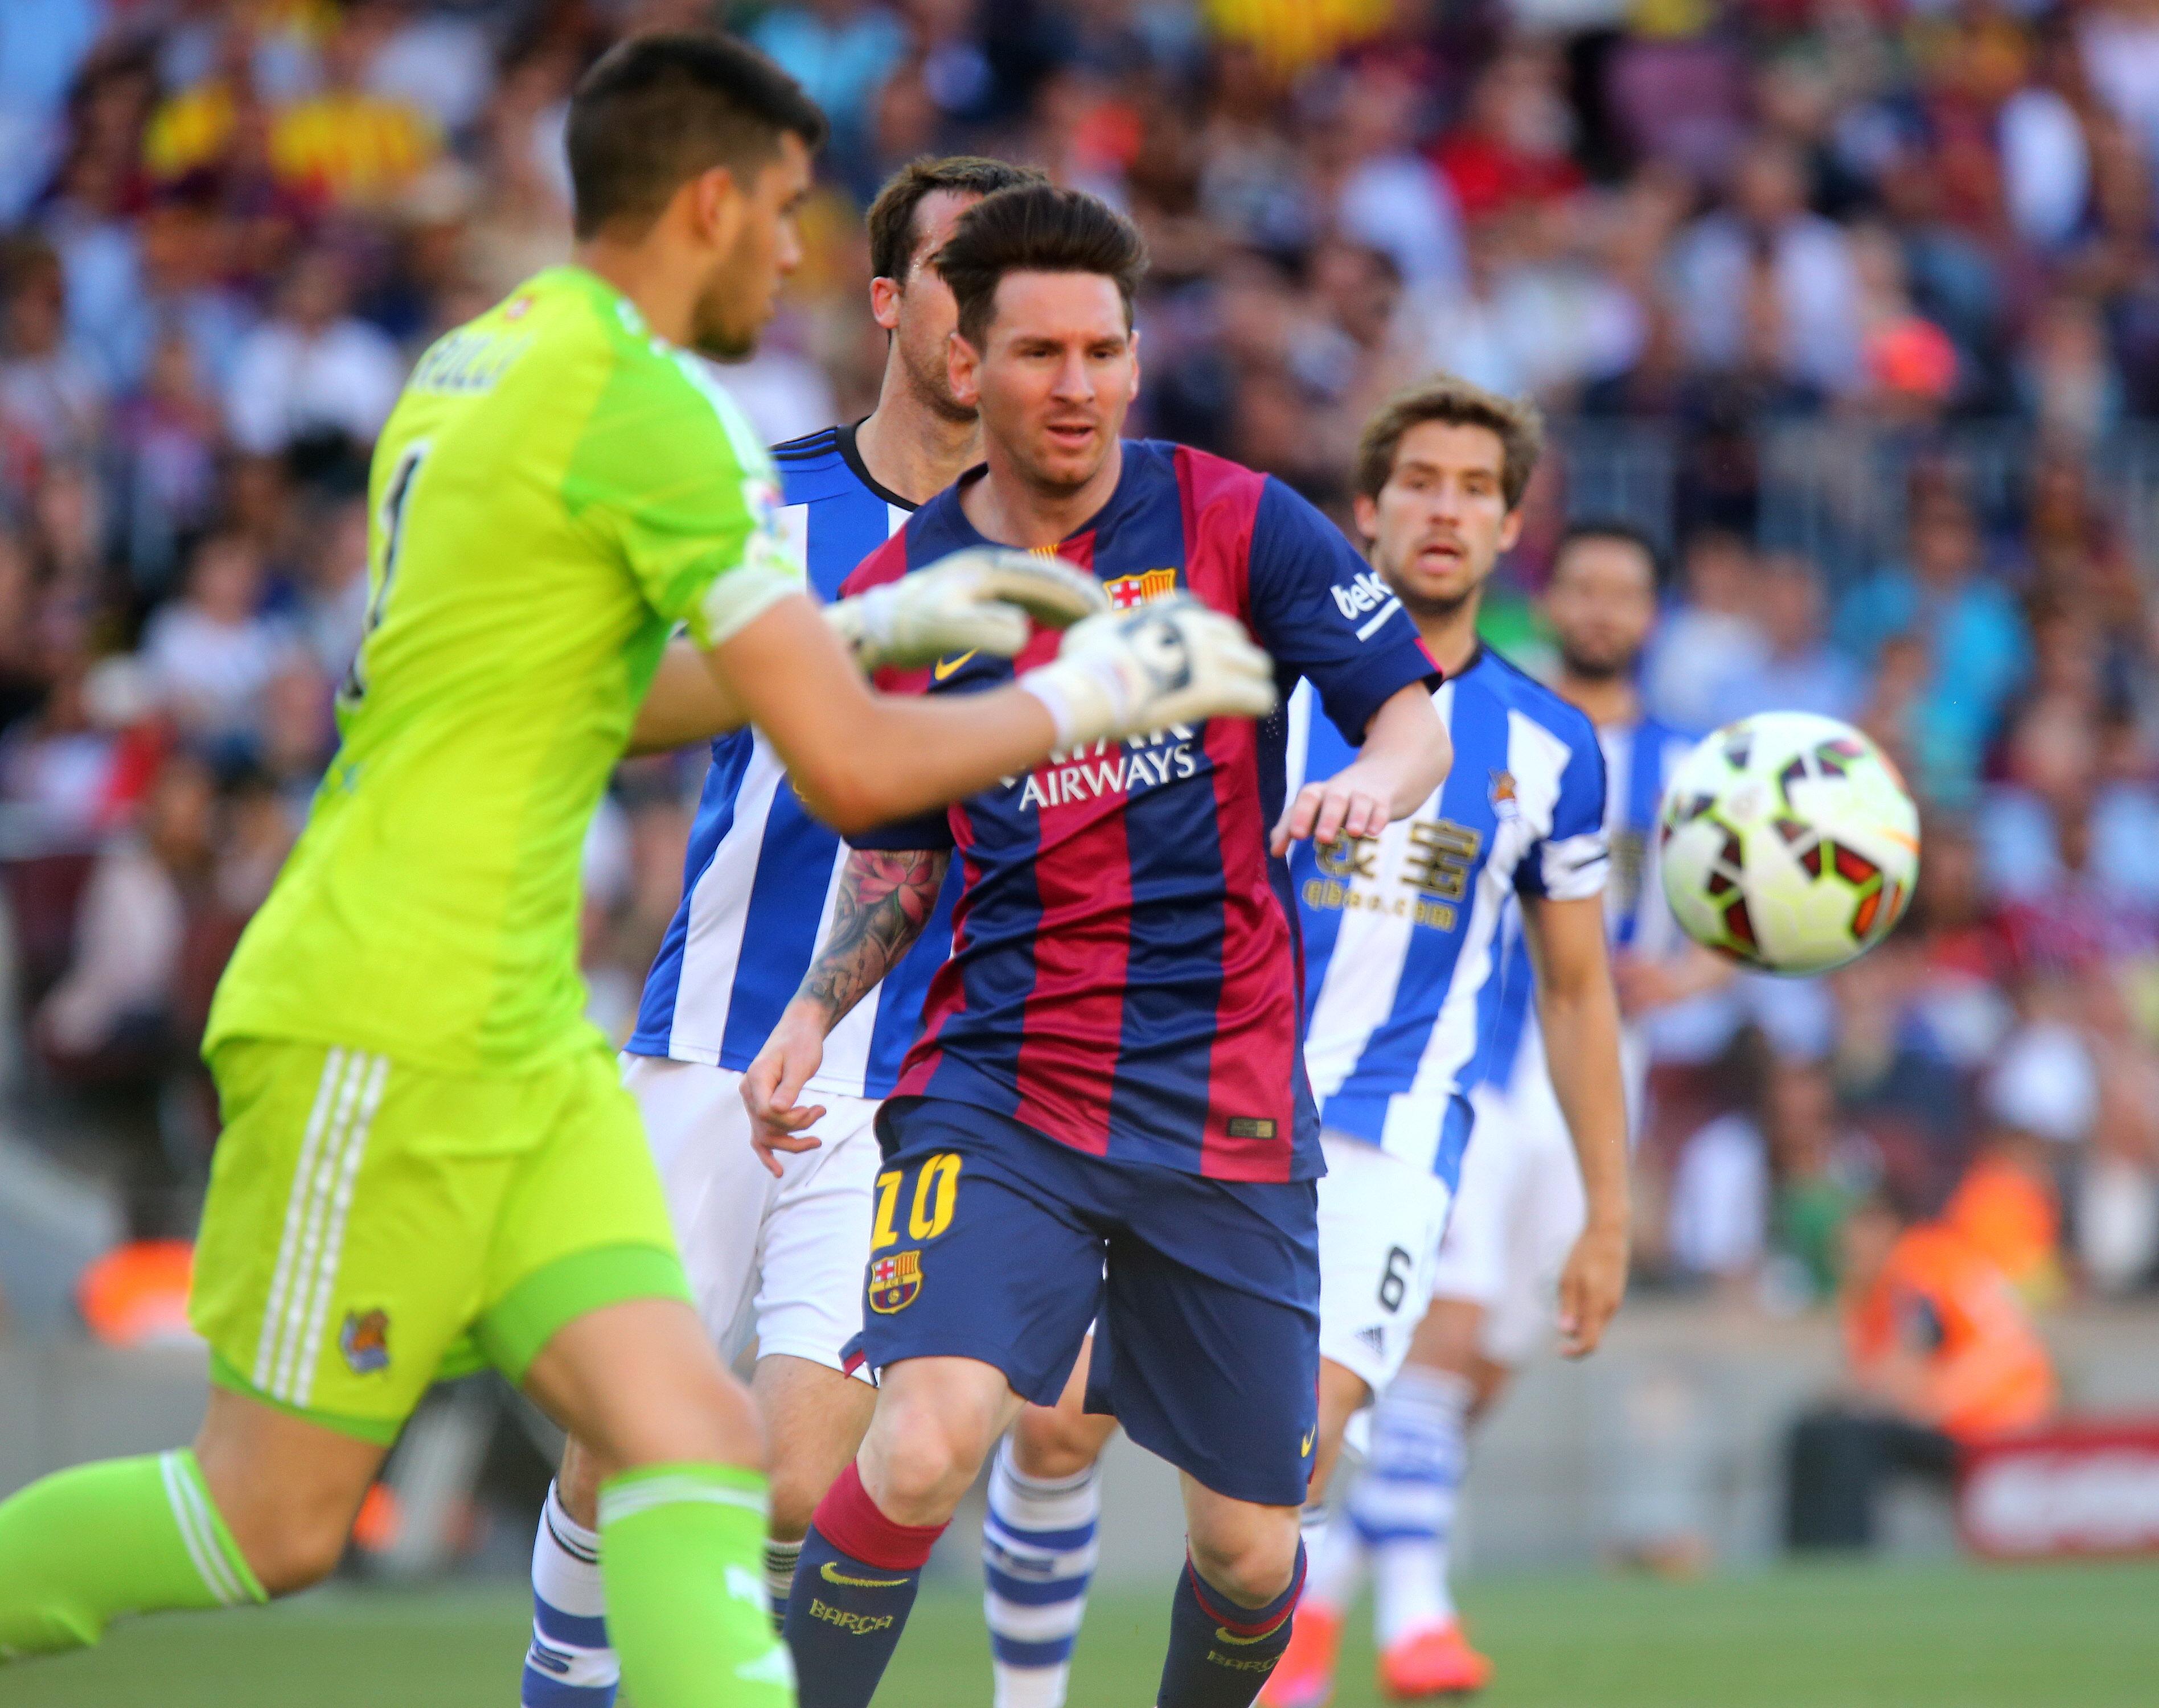 صور : مباراة برشلونة - ريال سوسيداد 2-0 (09-05-2015 ) Img_pmorata_20150509-185716_imagenes_md_propias_pmorata_barcereal3141